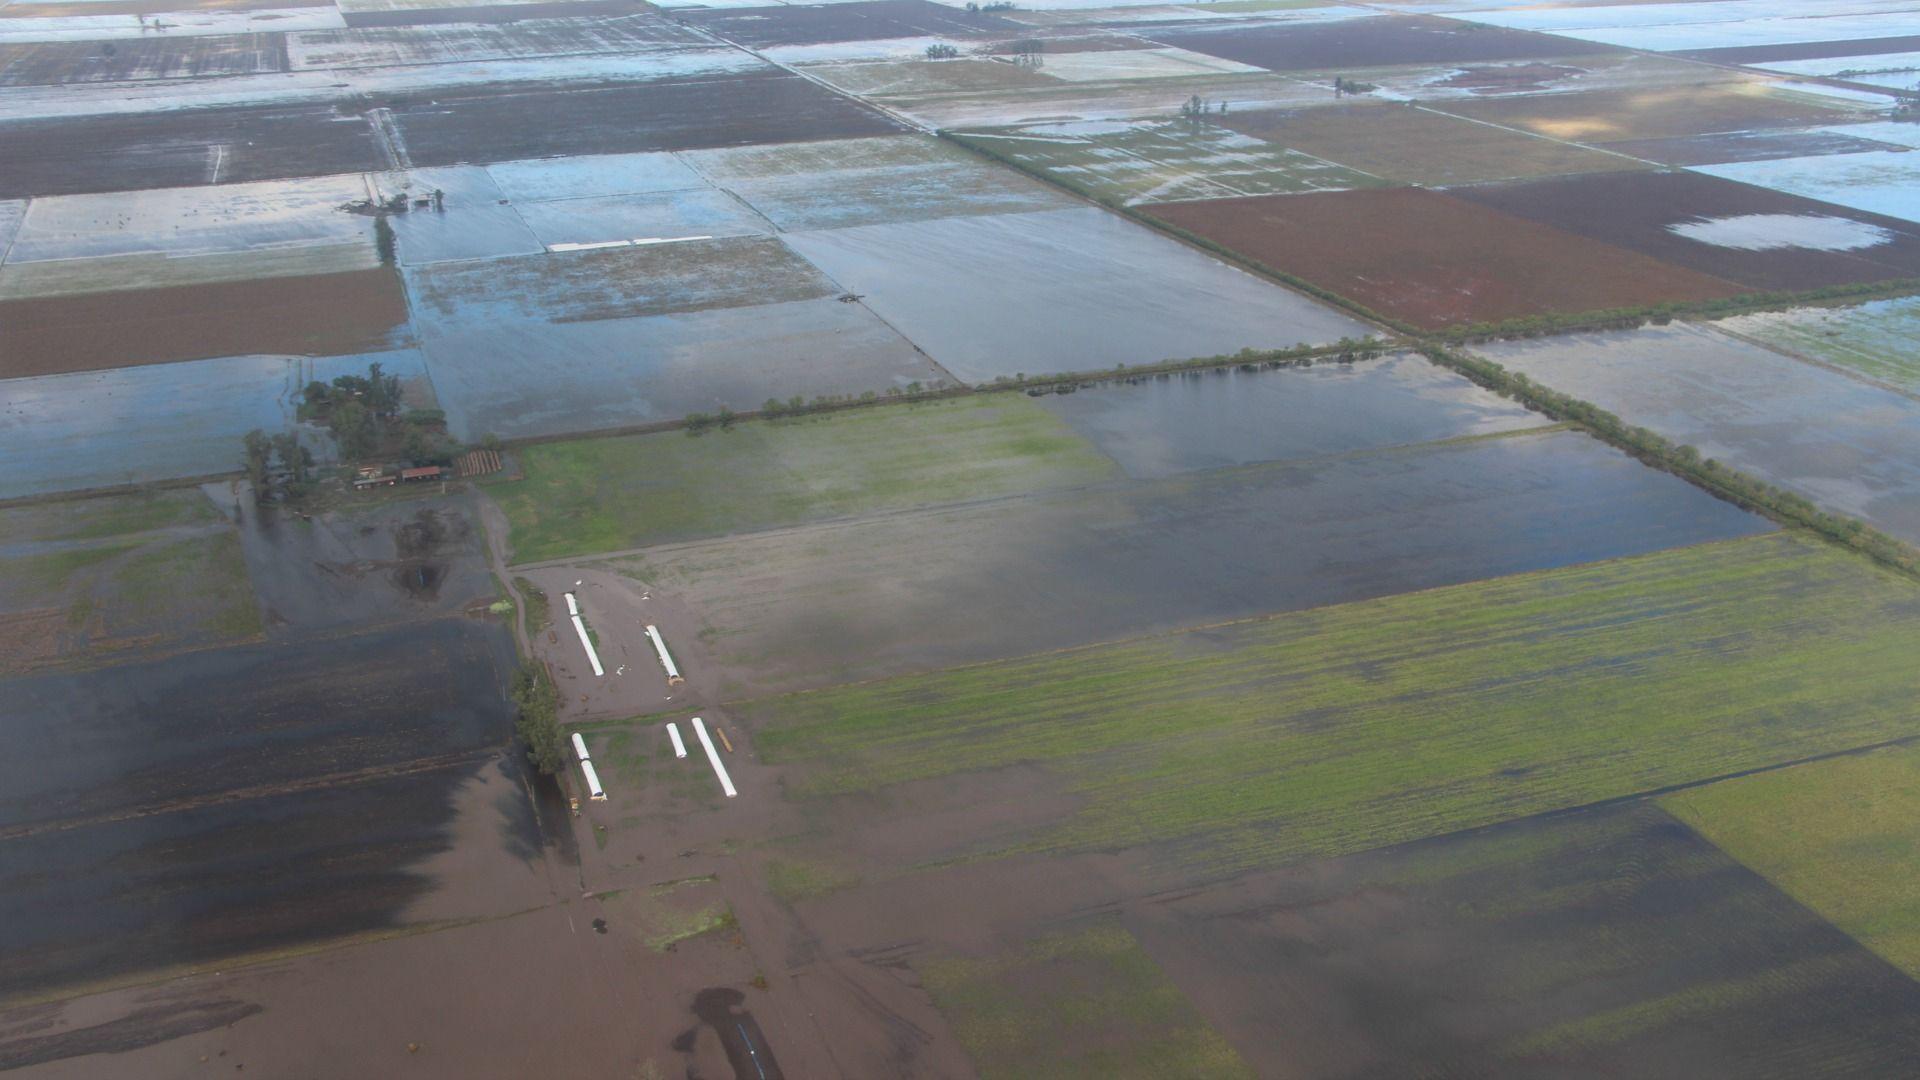 Emergencia hídrica: el 80 % de la zona tambera está bajo agua